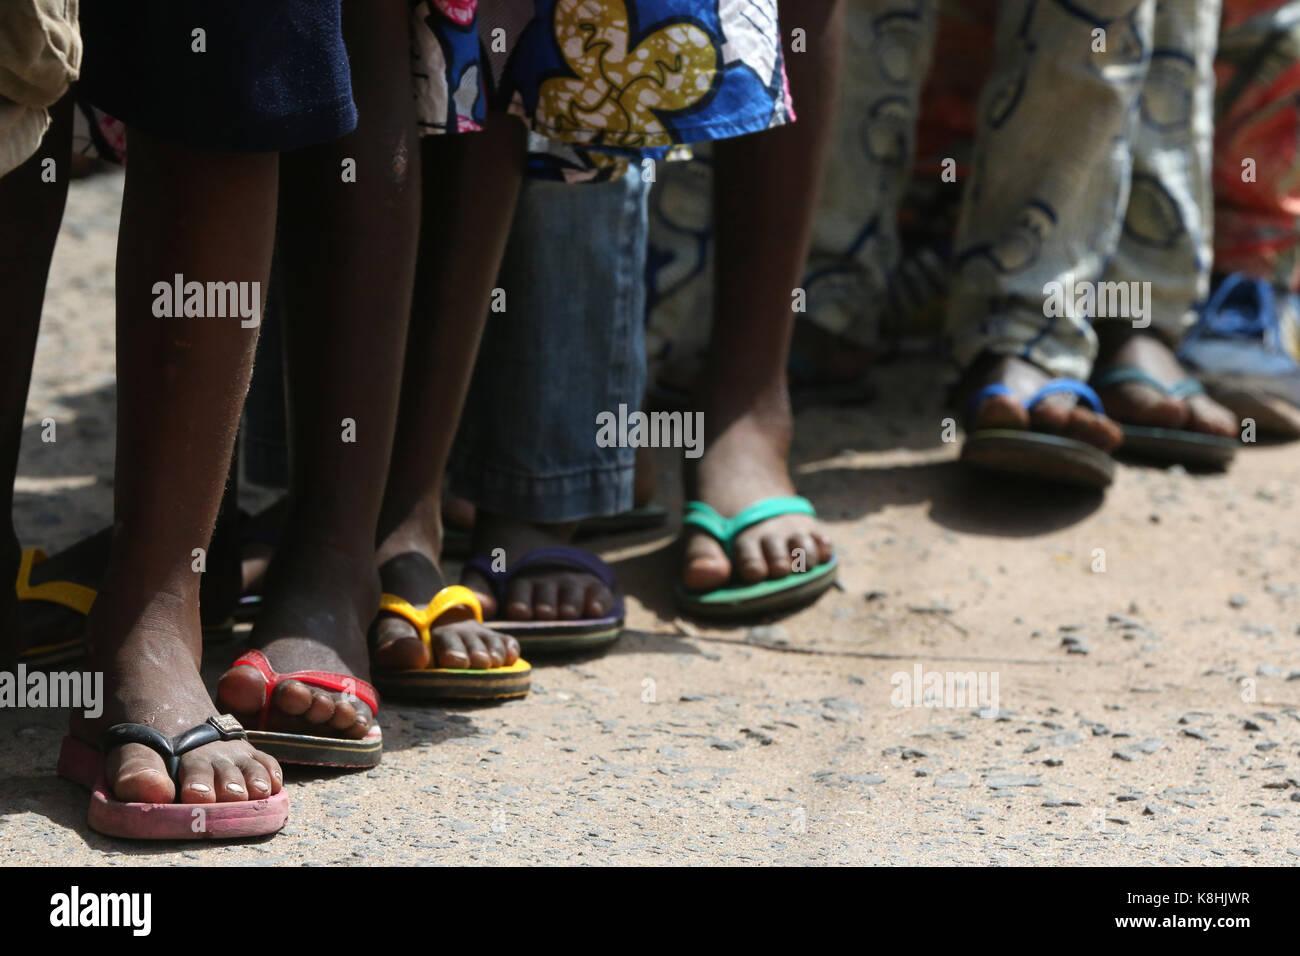 Primary school in africa. schoolchildren wearing corlored flip-flops. lome. togo. - Stock Image